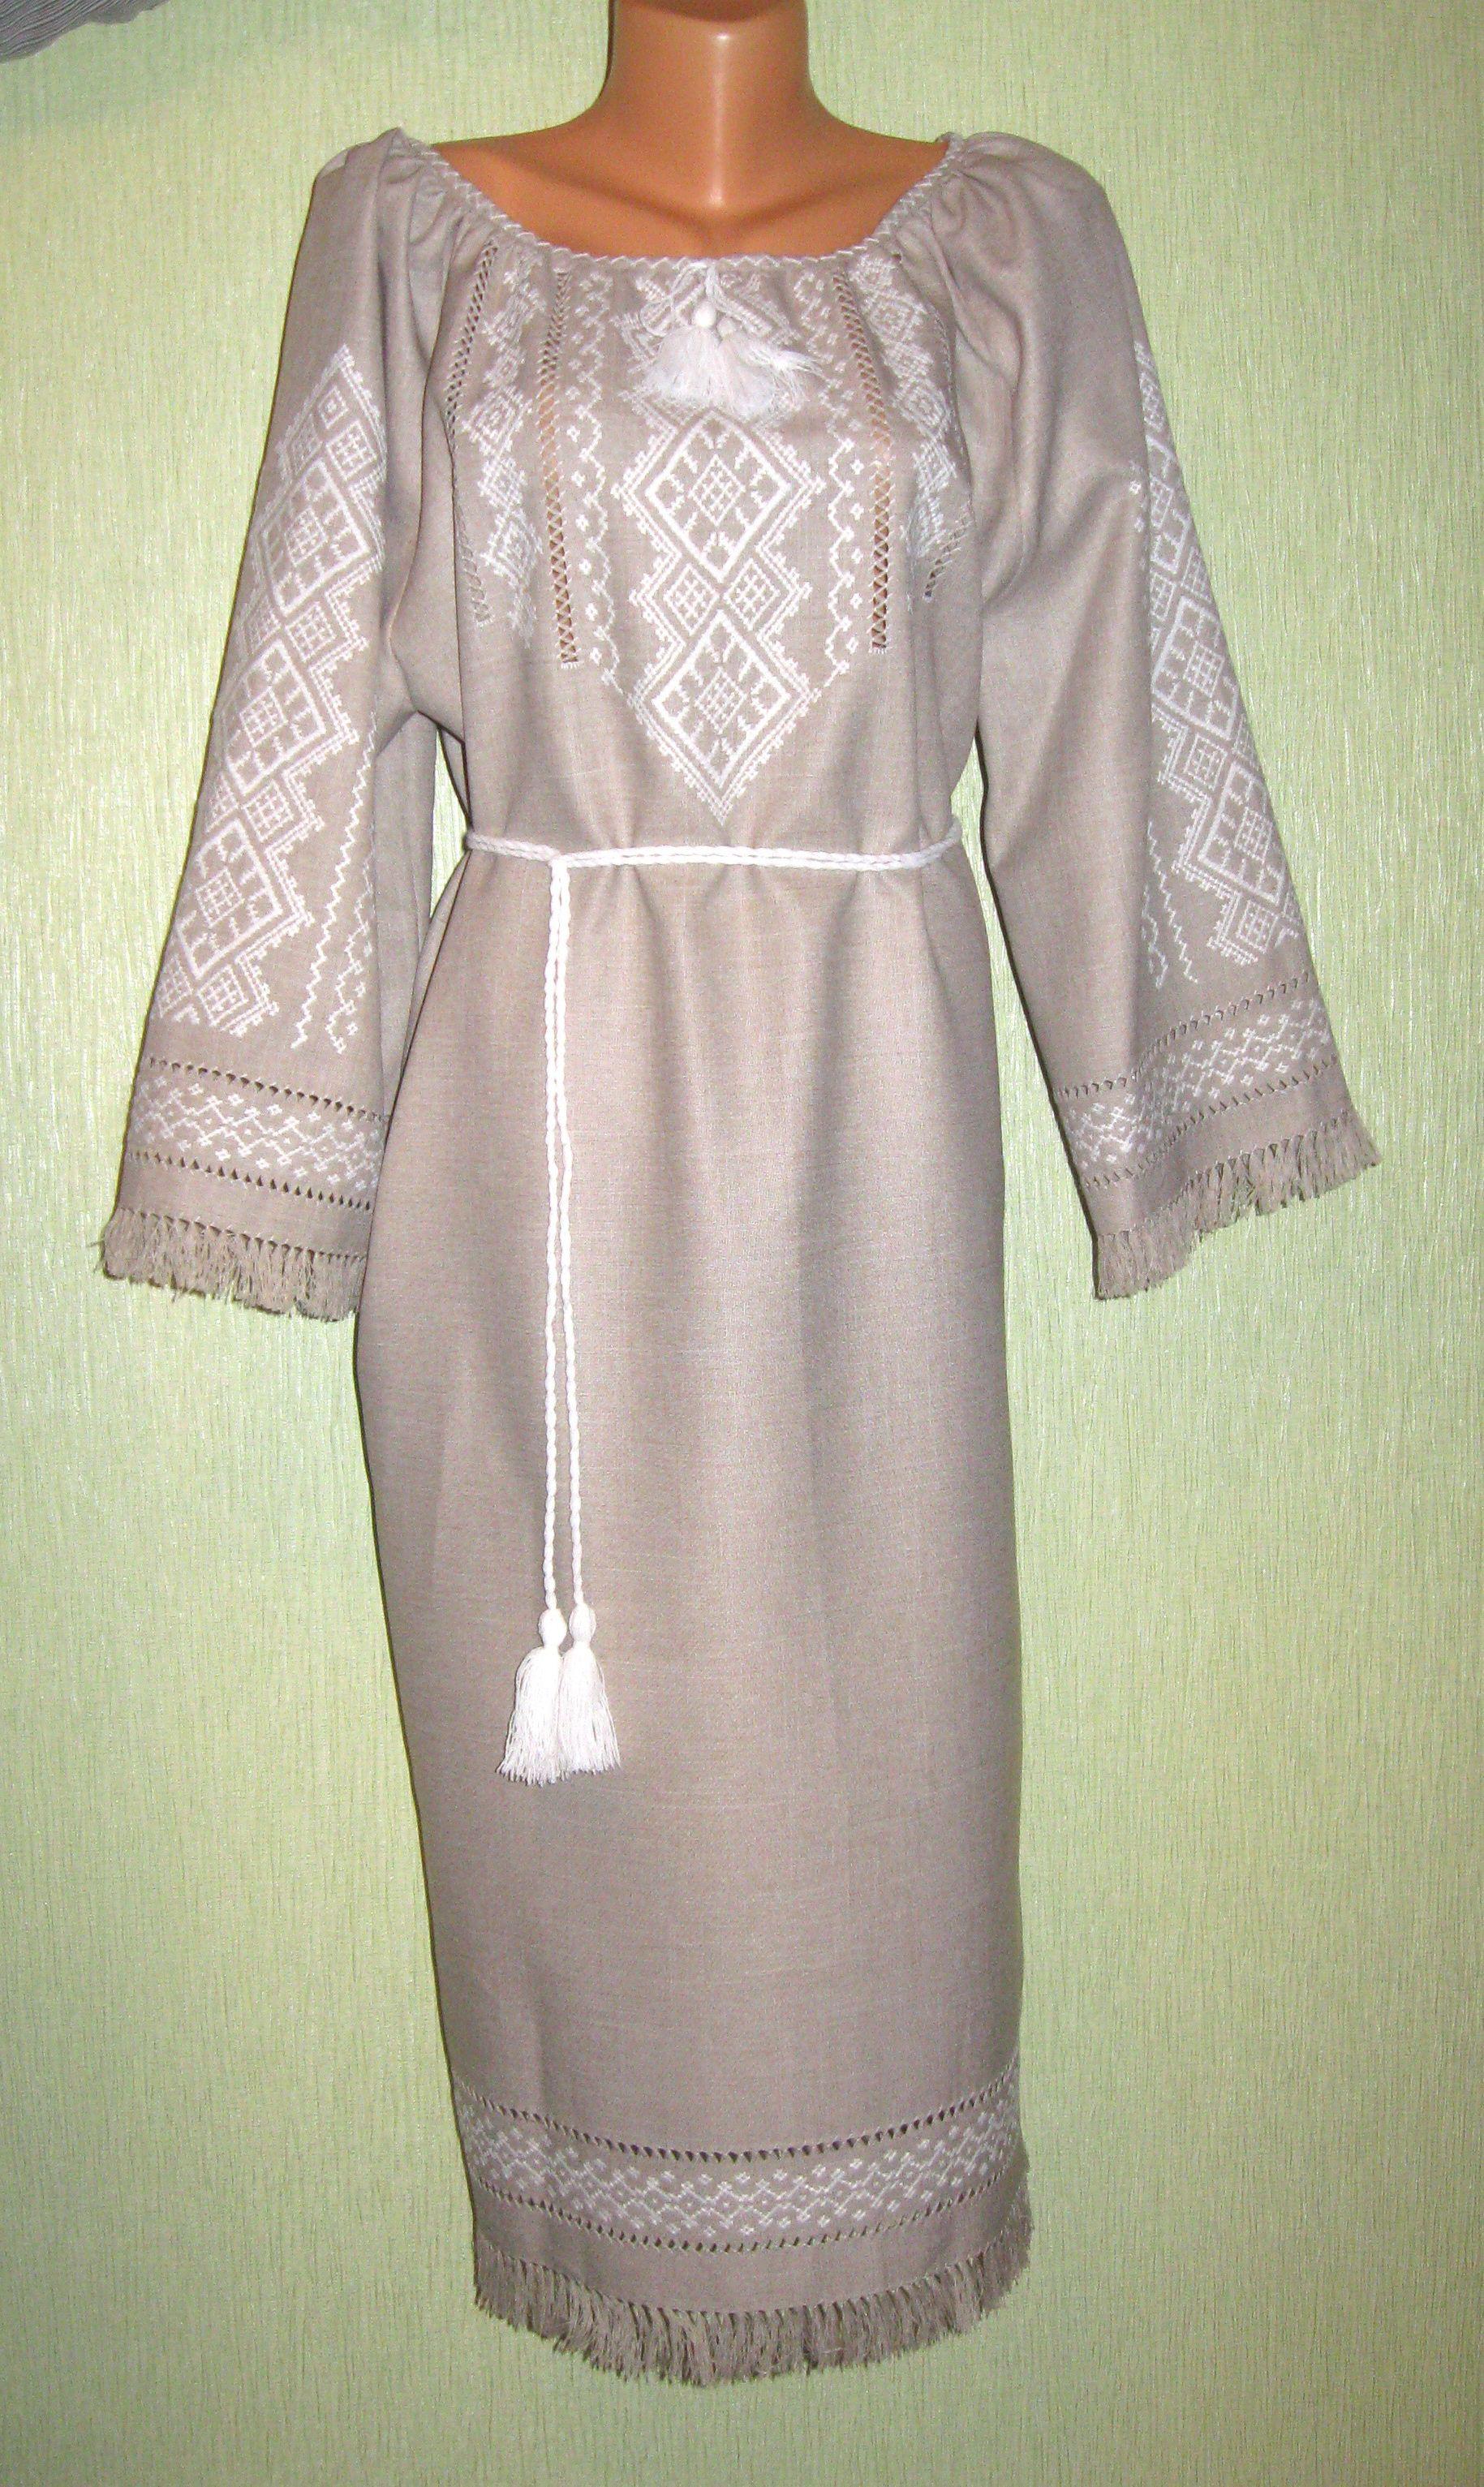 плаття ручної роботи на сірому льоні з білою вишивкою - Товари ... 4267b5ad6a59a